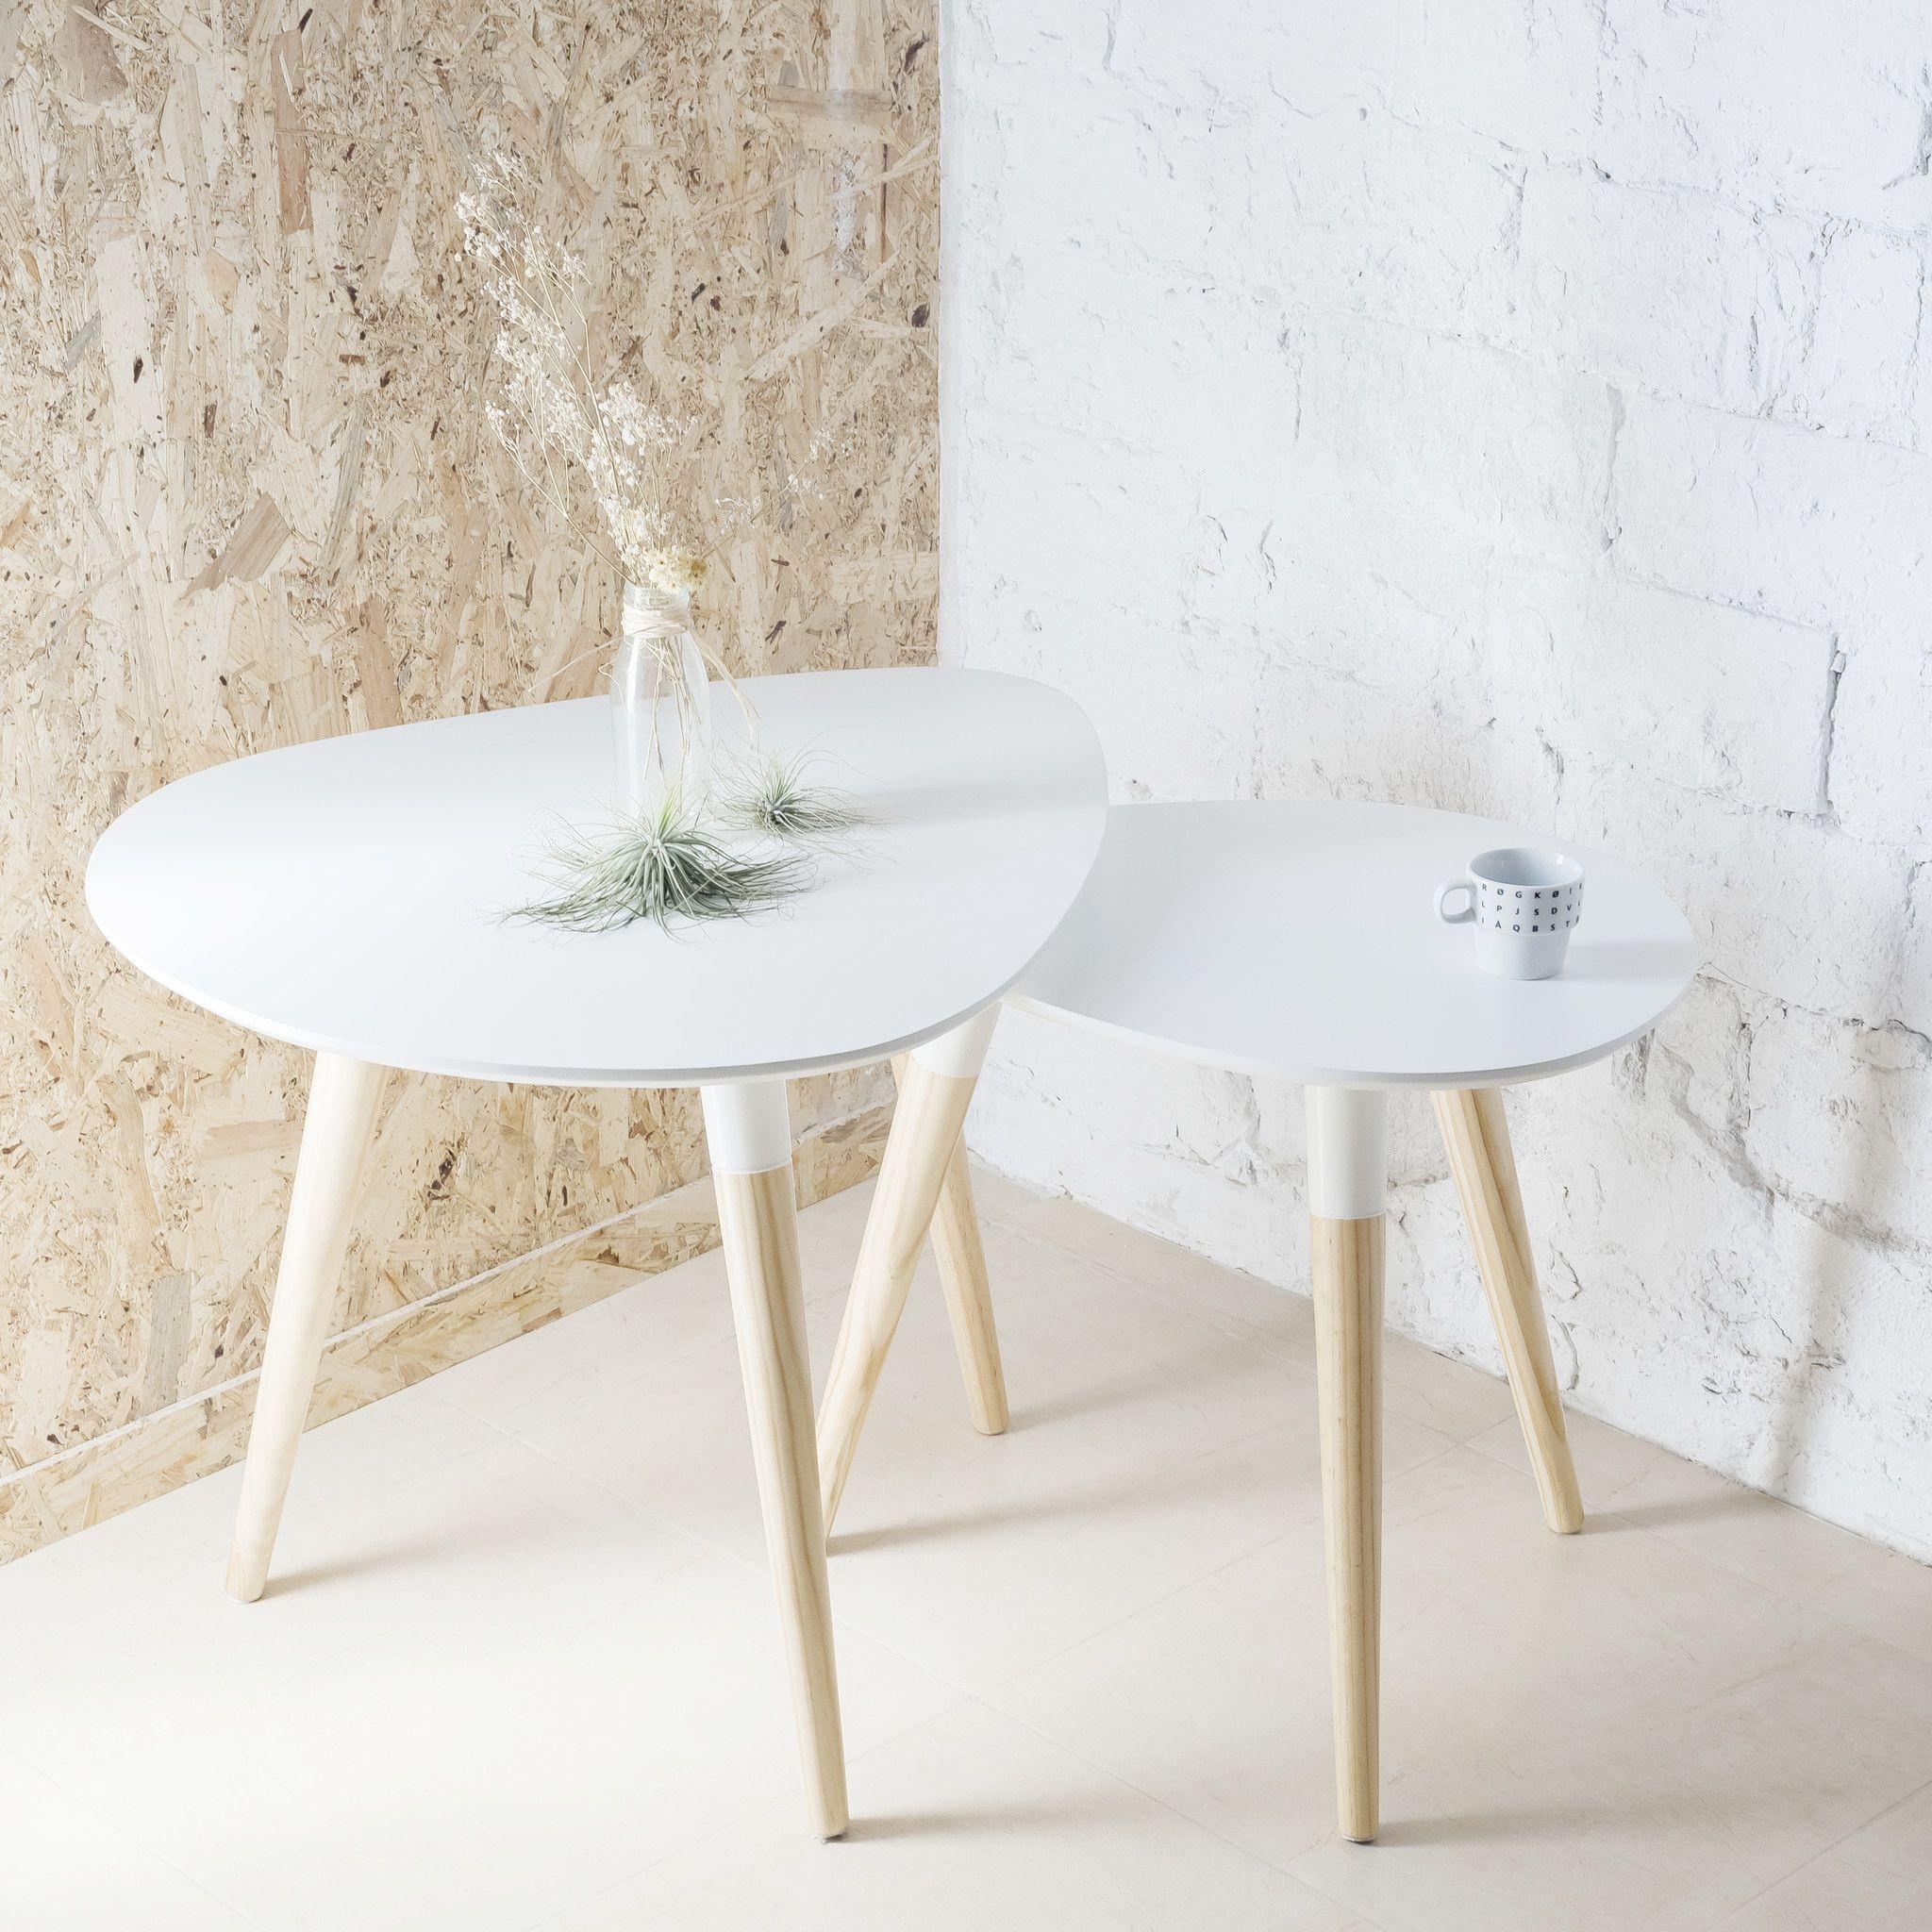 Conjunto 2 mesas aimer dise o n rdico pino y nidos for Mesa auxiliar estilo nordico